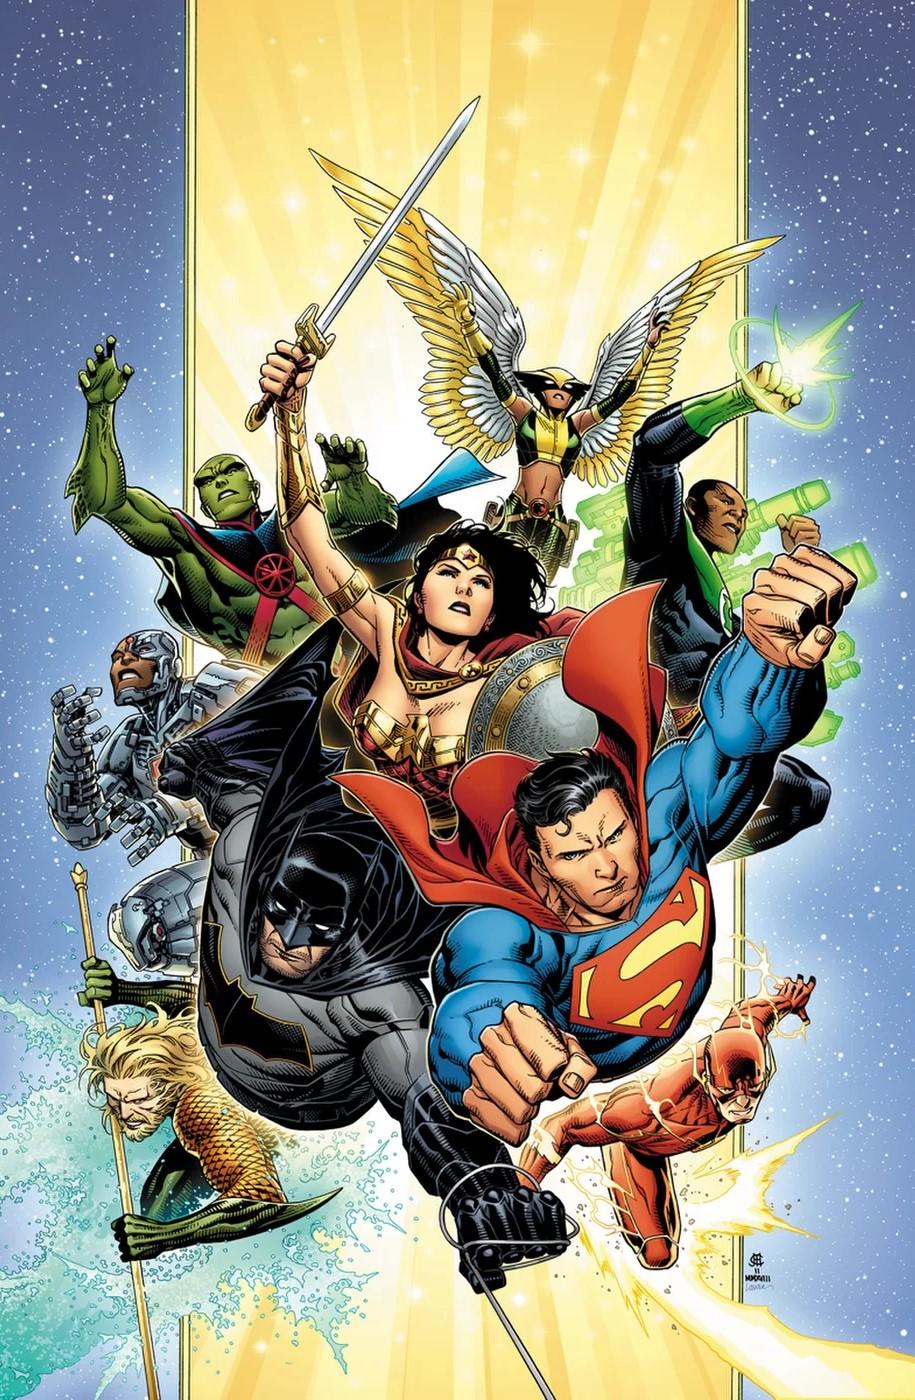 Justice League par Jim Cheung